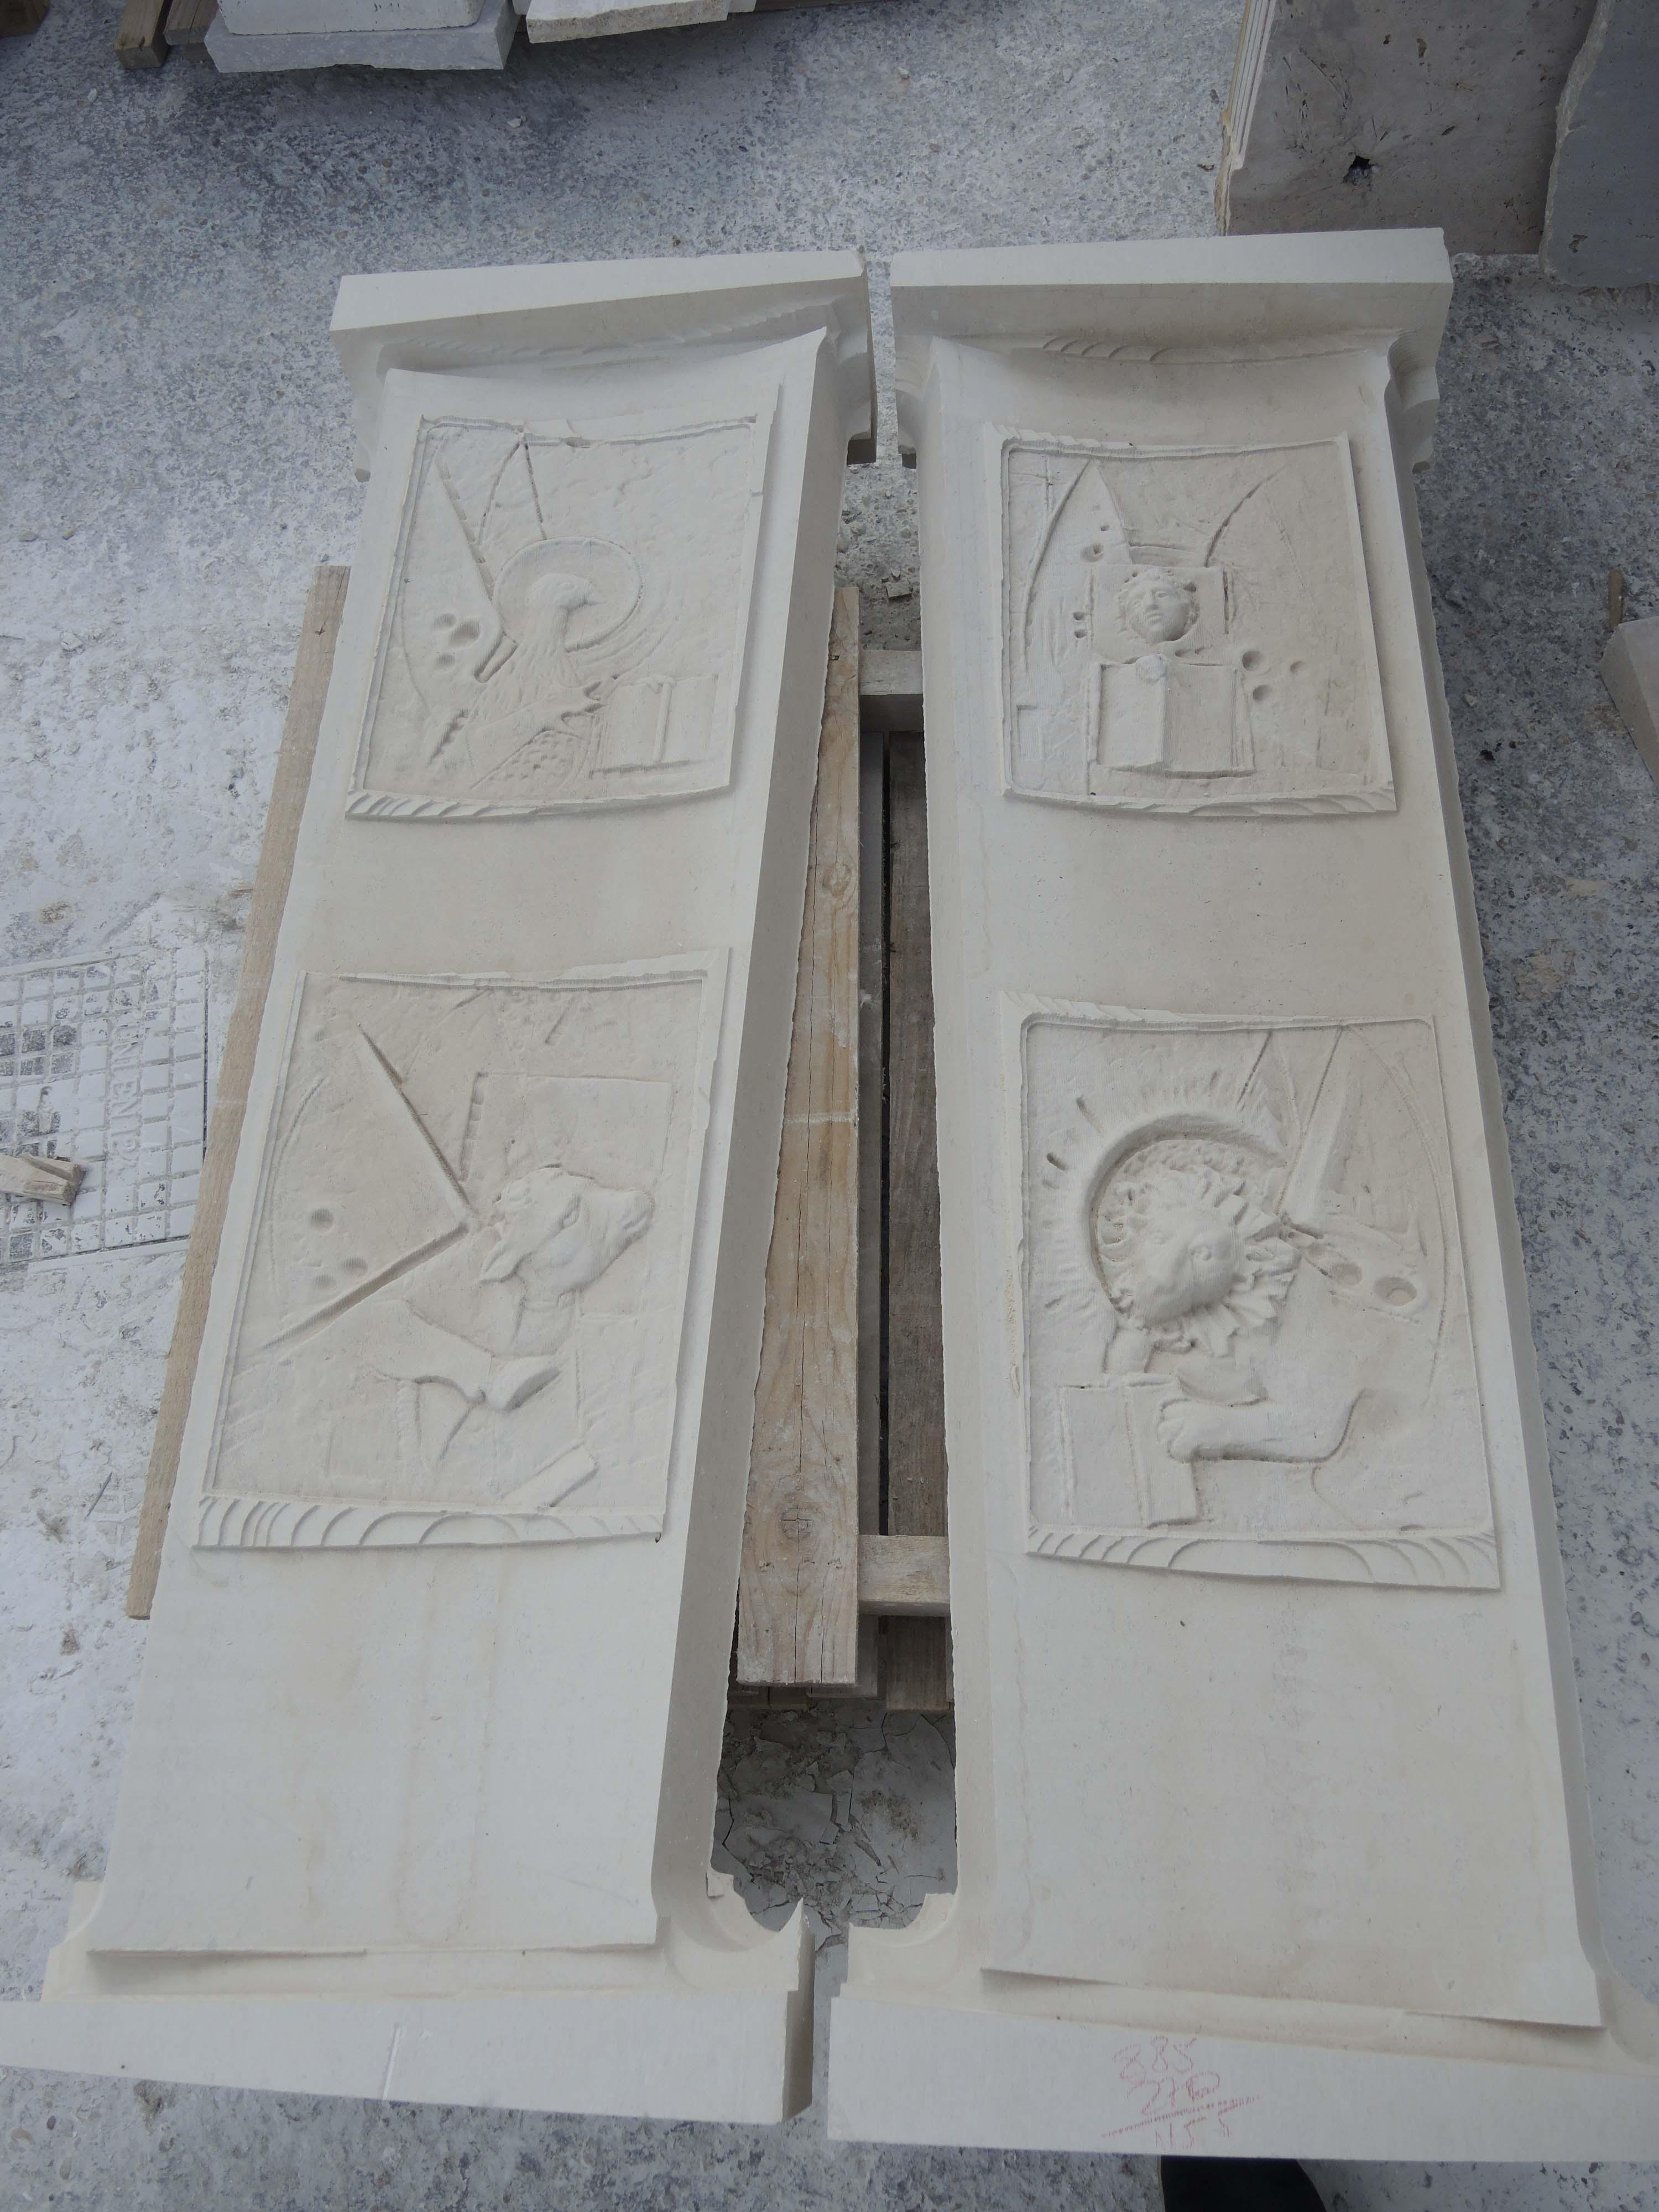 Bassorilievi realizzati in pietra